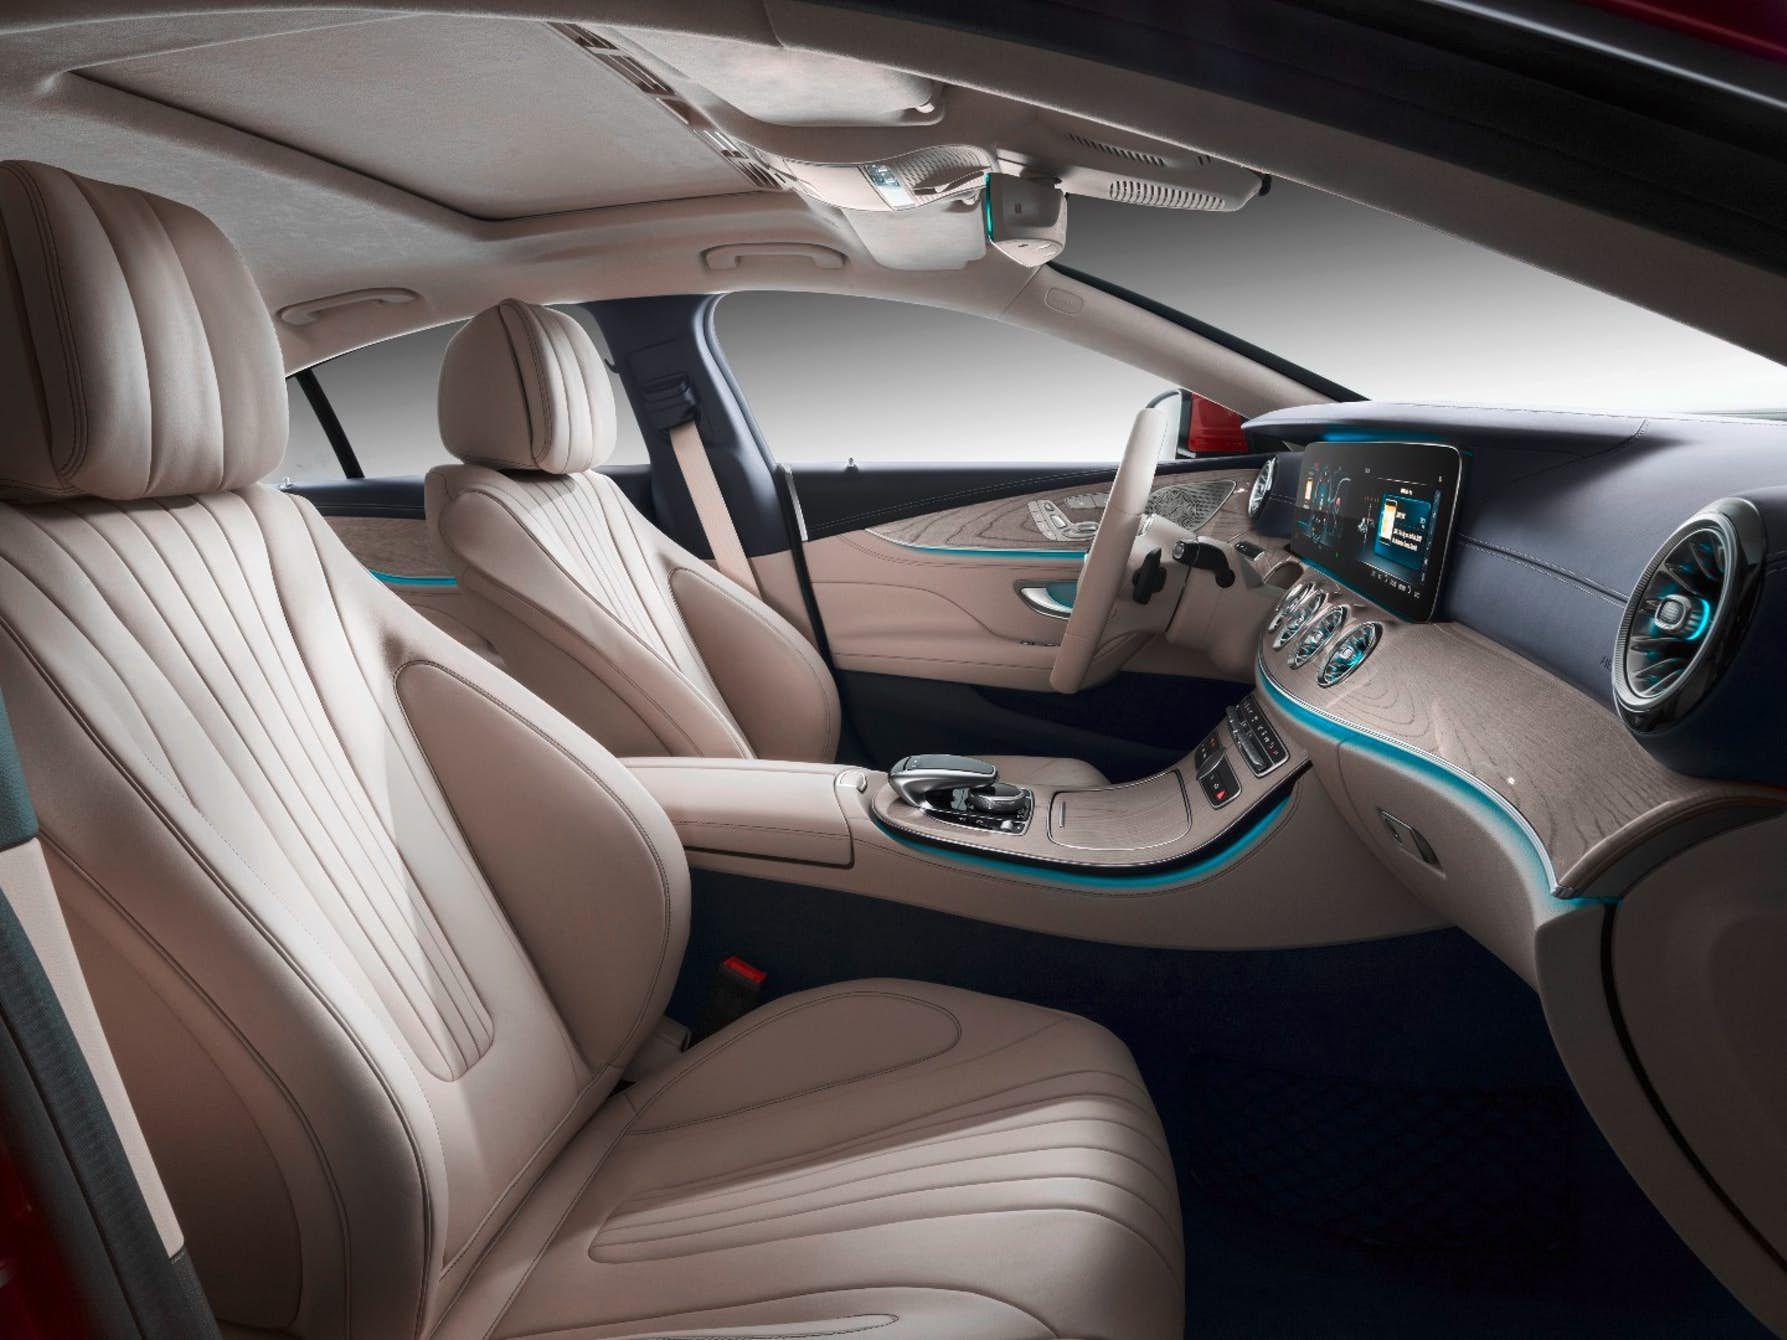 New Generation Mercedes Benz Cls Makes Its Debut Mercedes Cls